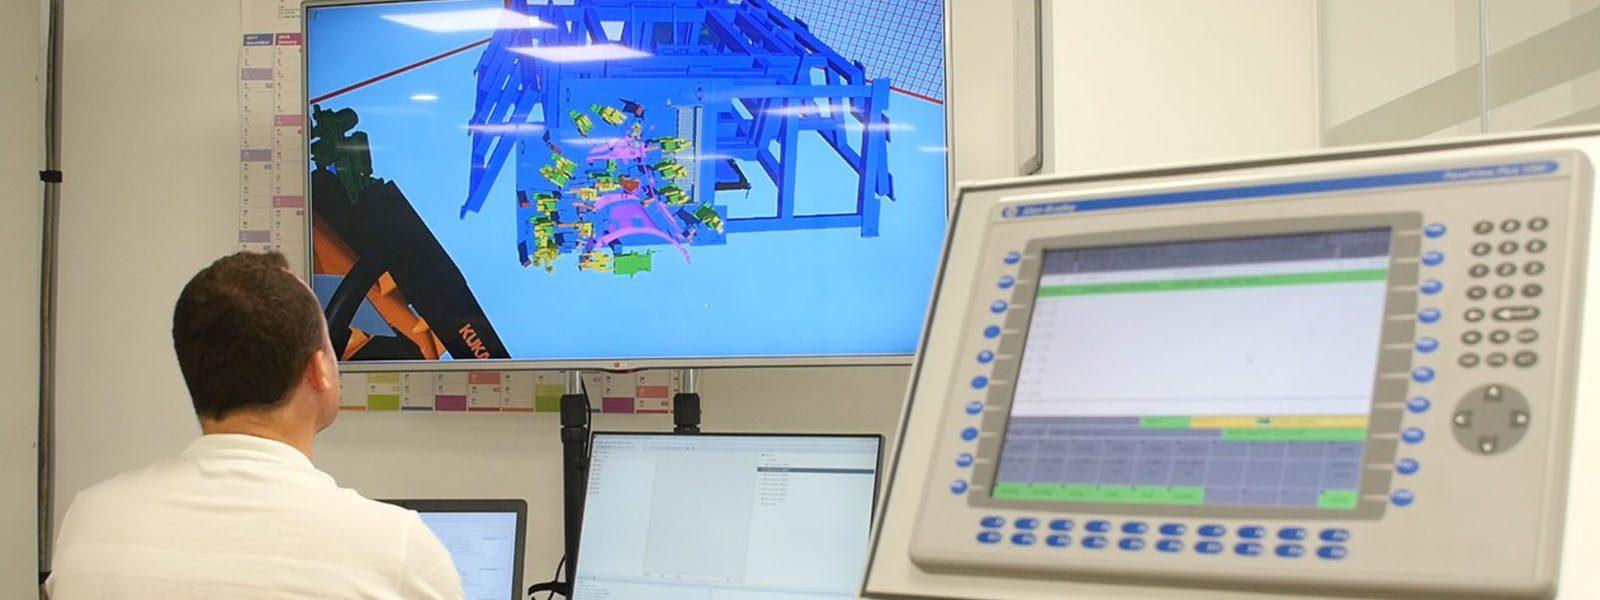 robotica-industria-cabecera